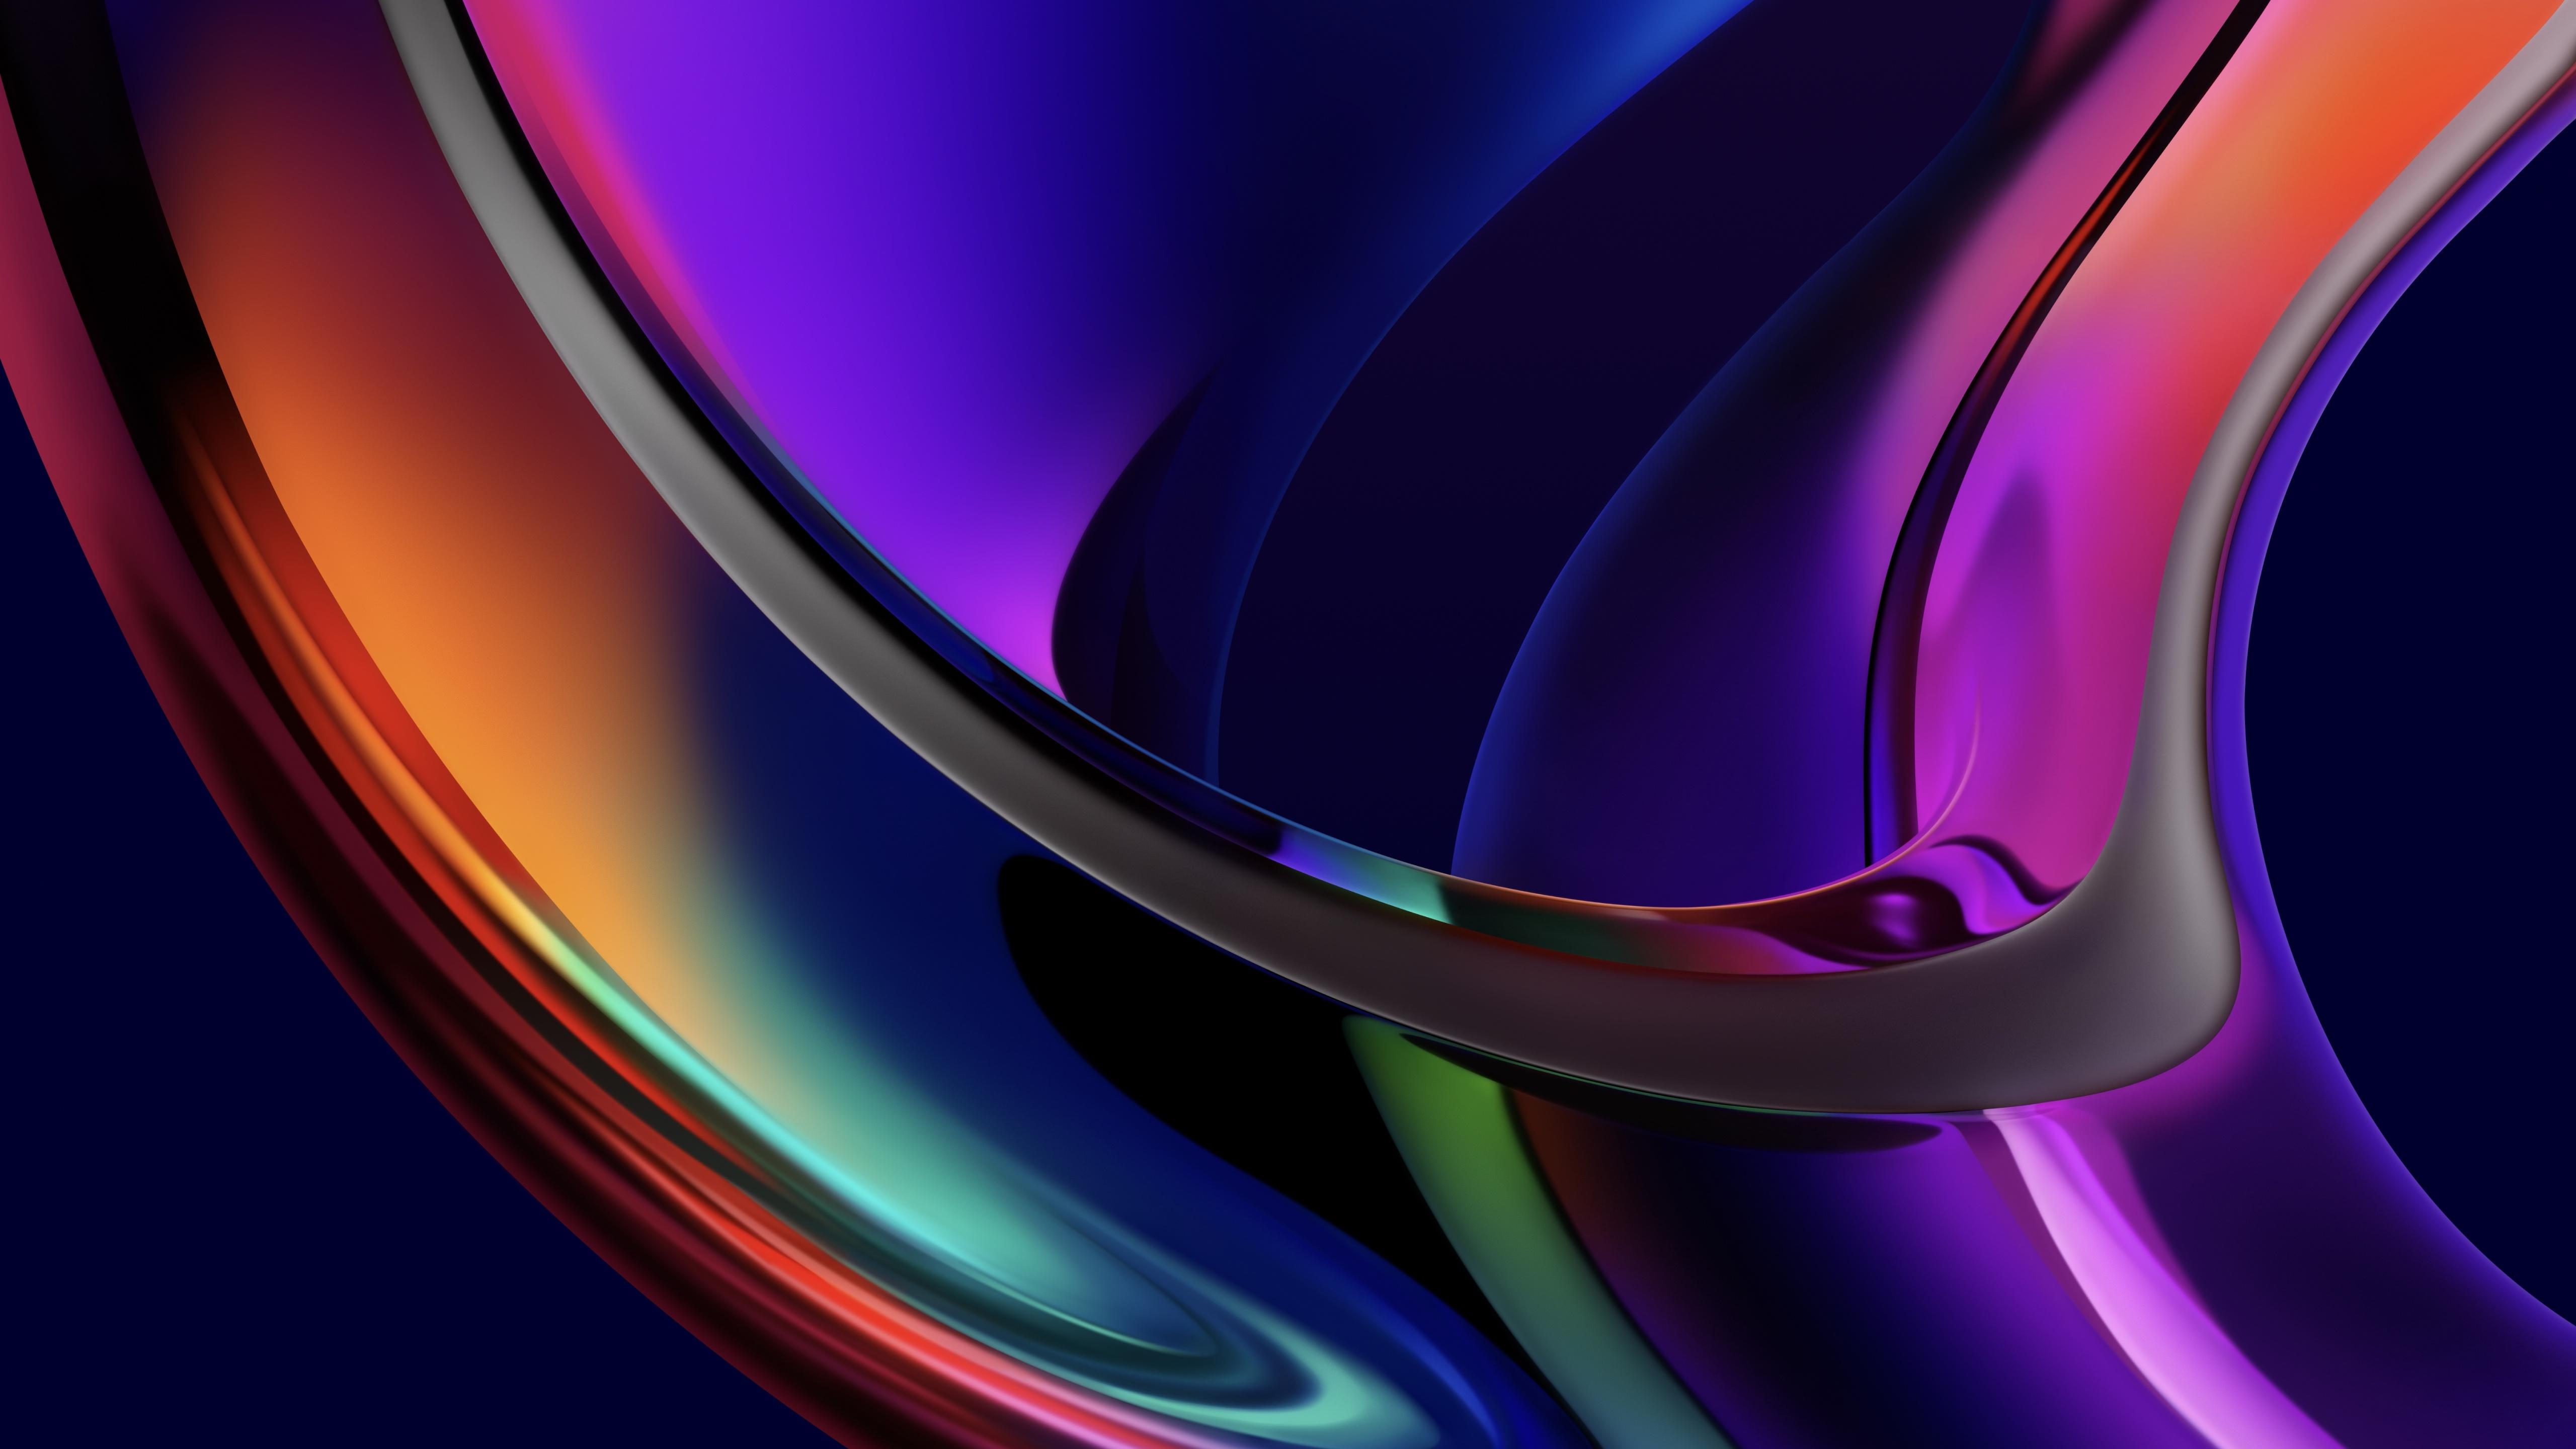 Iridescence Wallpaper 4k Macos Big Sur Macbook Pro Multicolor Dark Abstract 4036